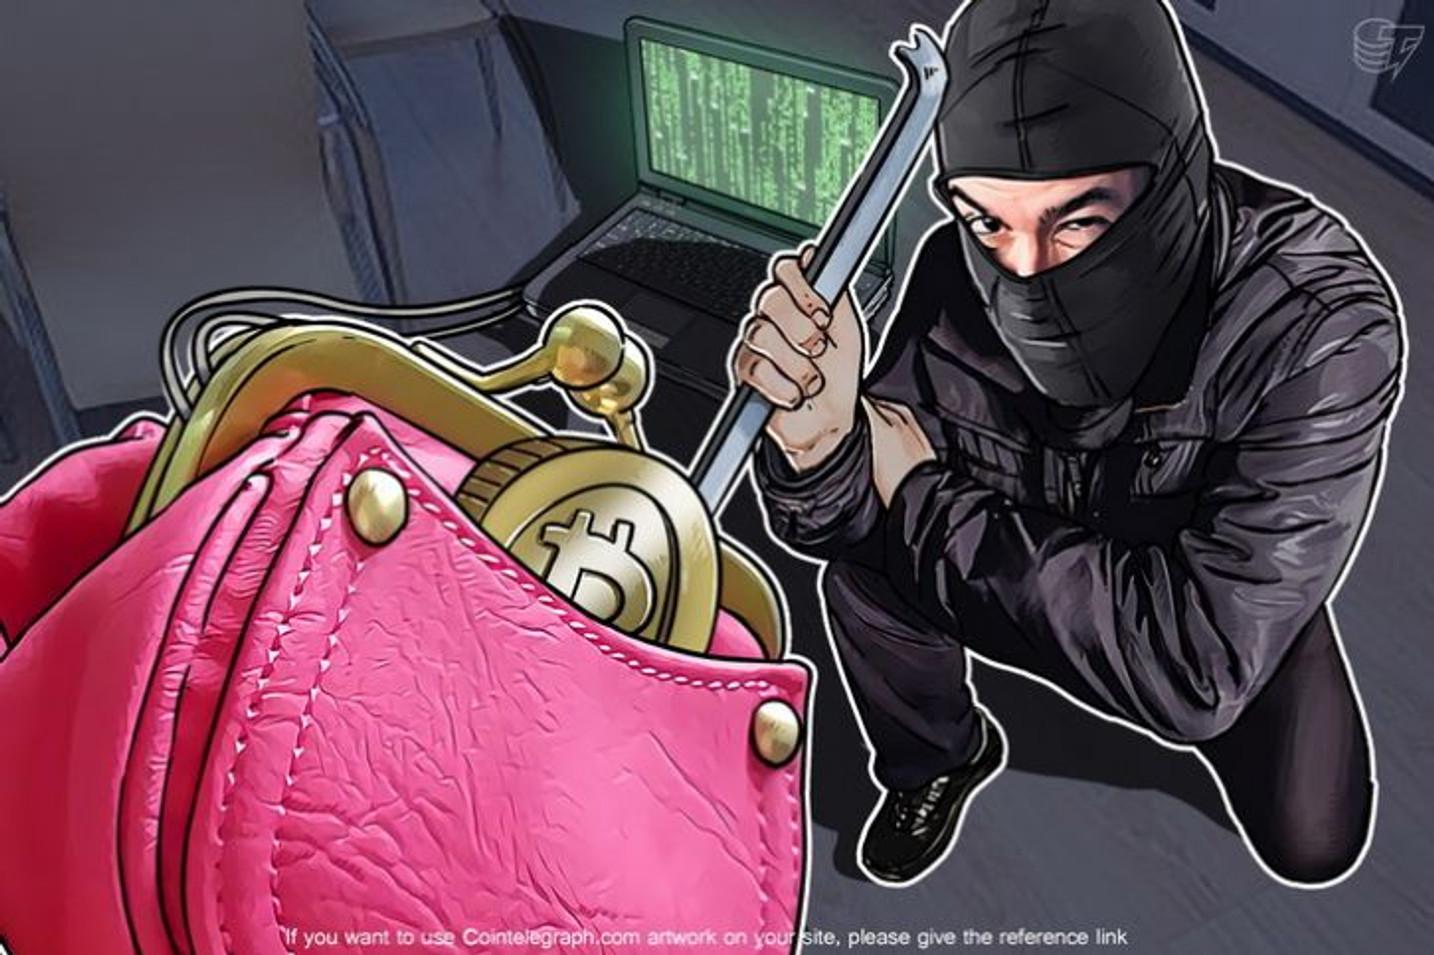 Bezbednost vaših bitkoina je pretežno vaša odgovornost